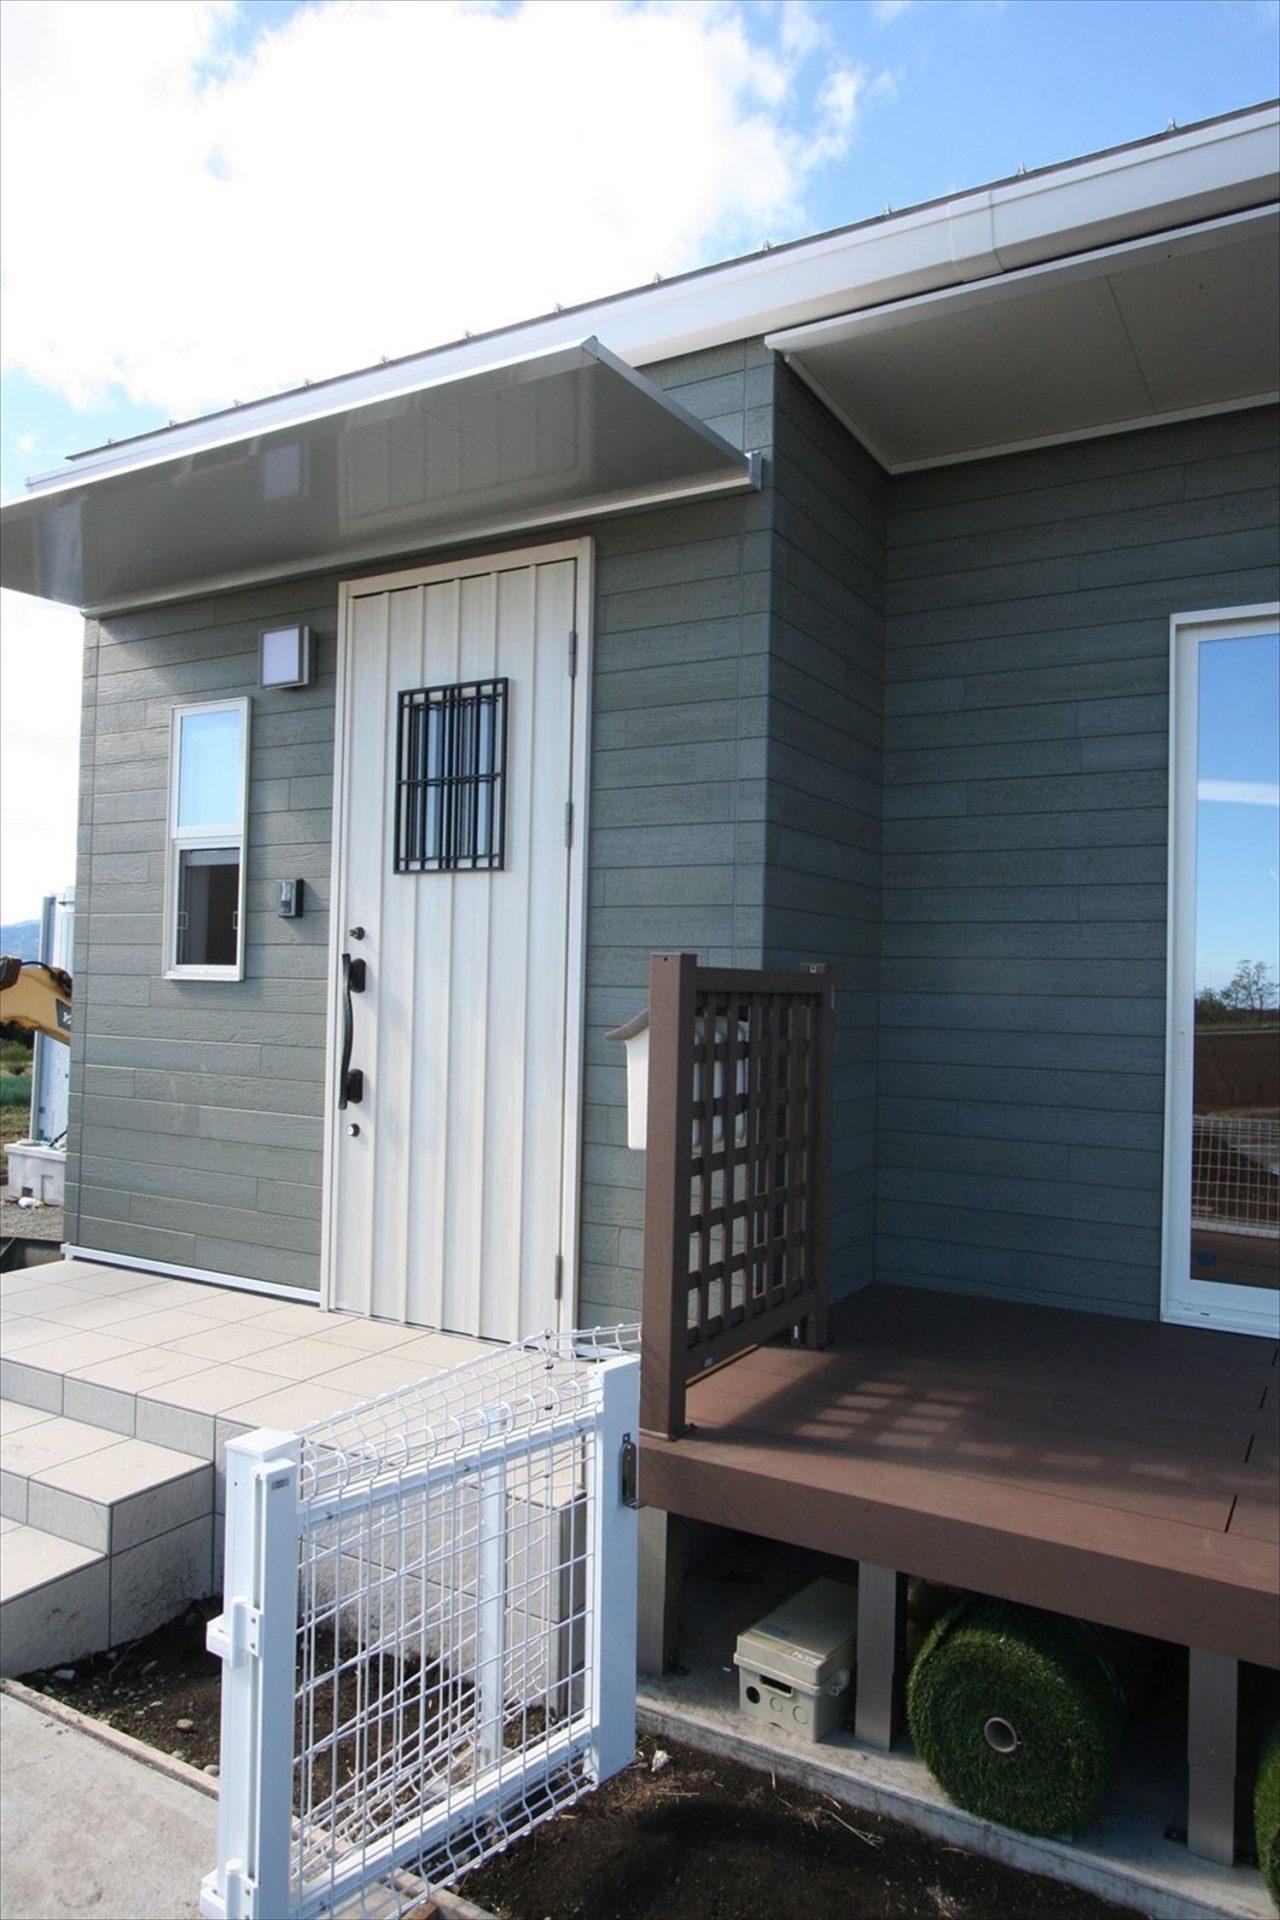 ドッグラン付平屋の玄関2|渋川市の注文住宅,ログハウスのような木の家を低価格で建てるならエイ・ワン